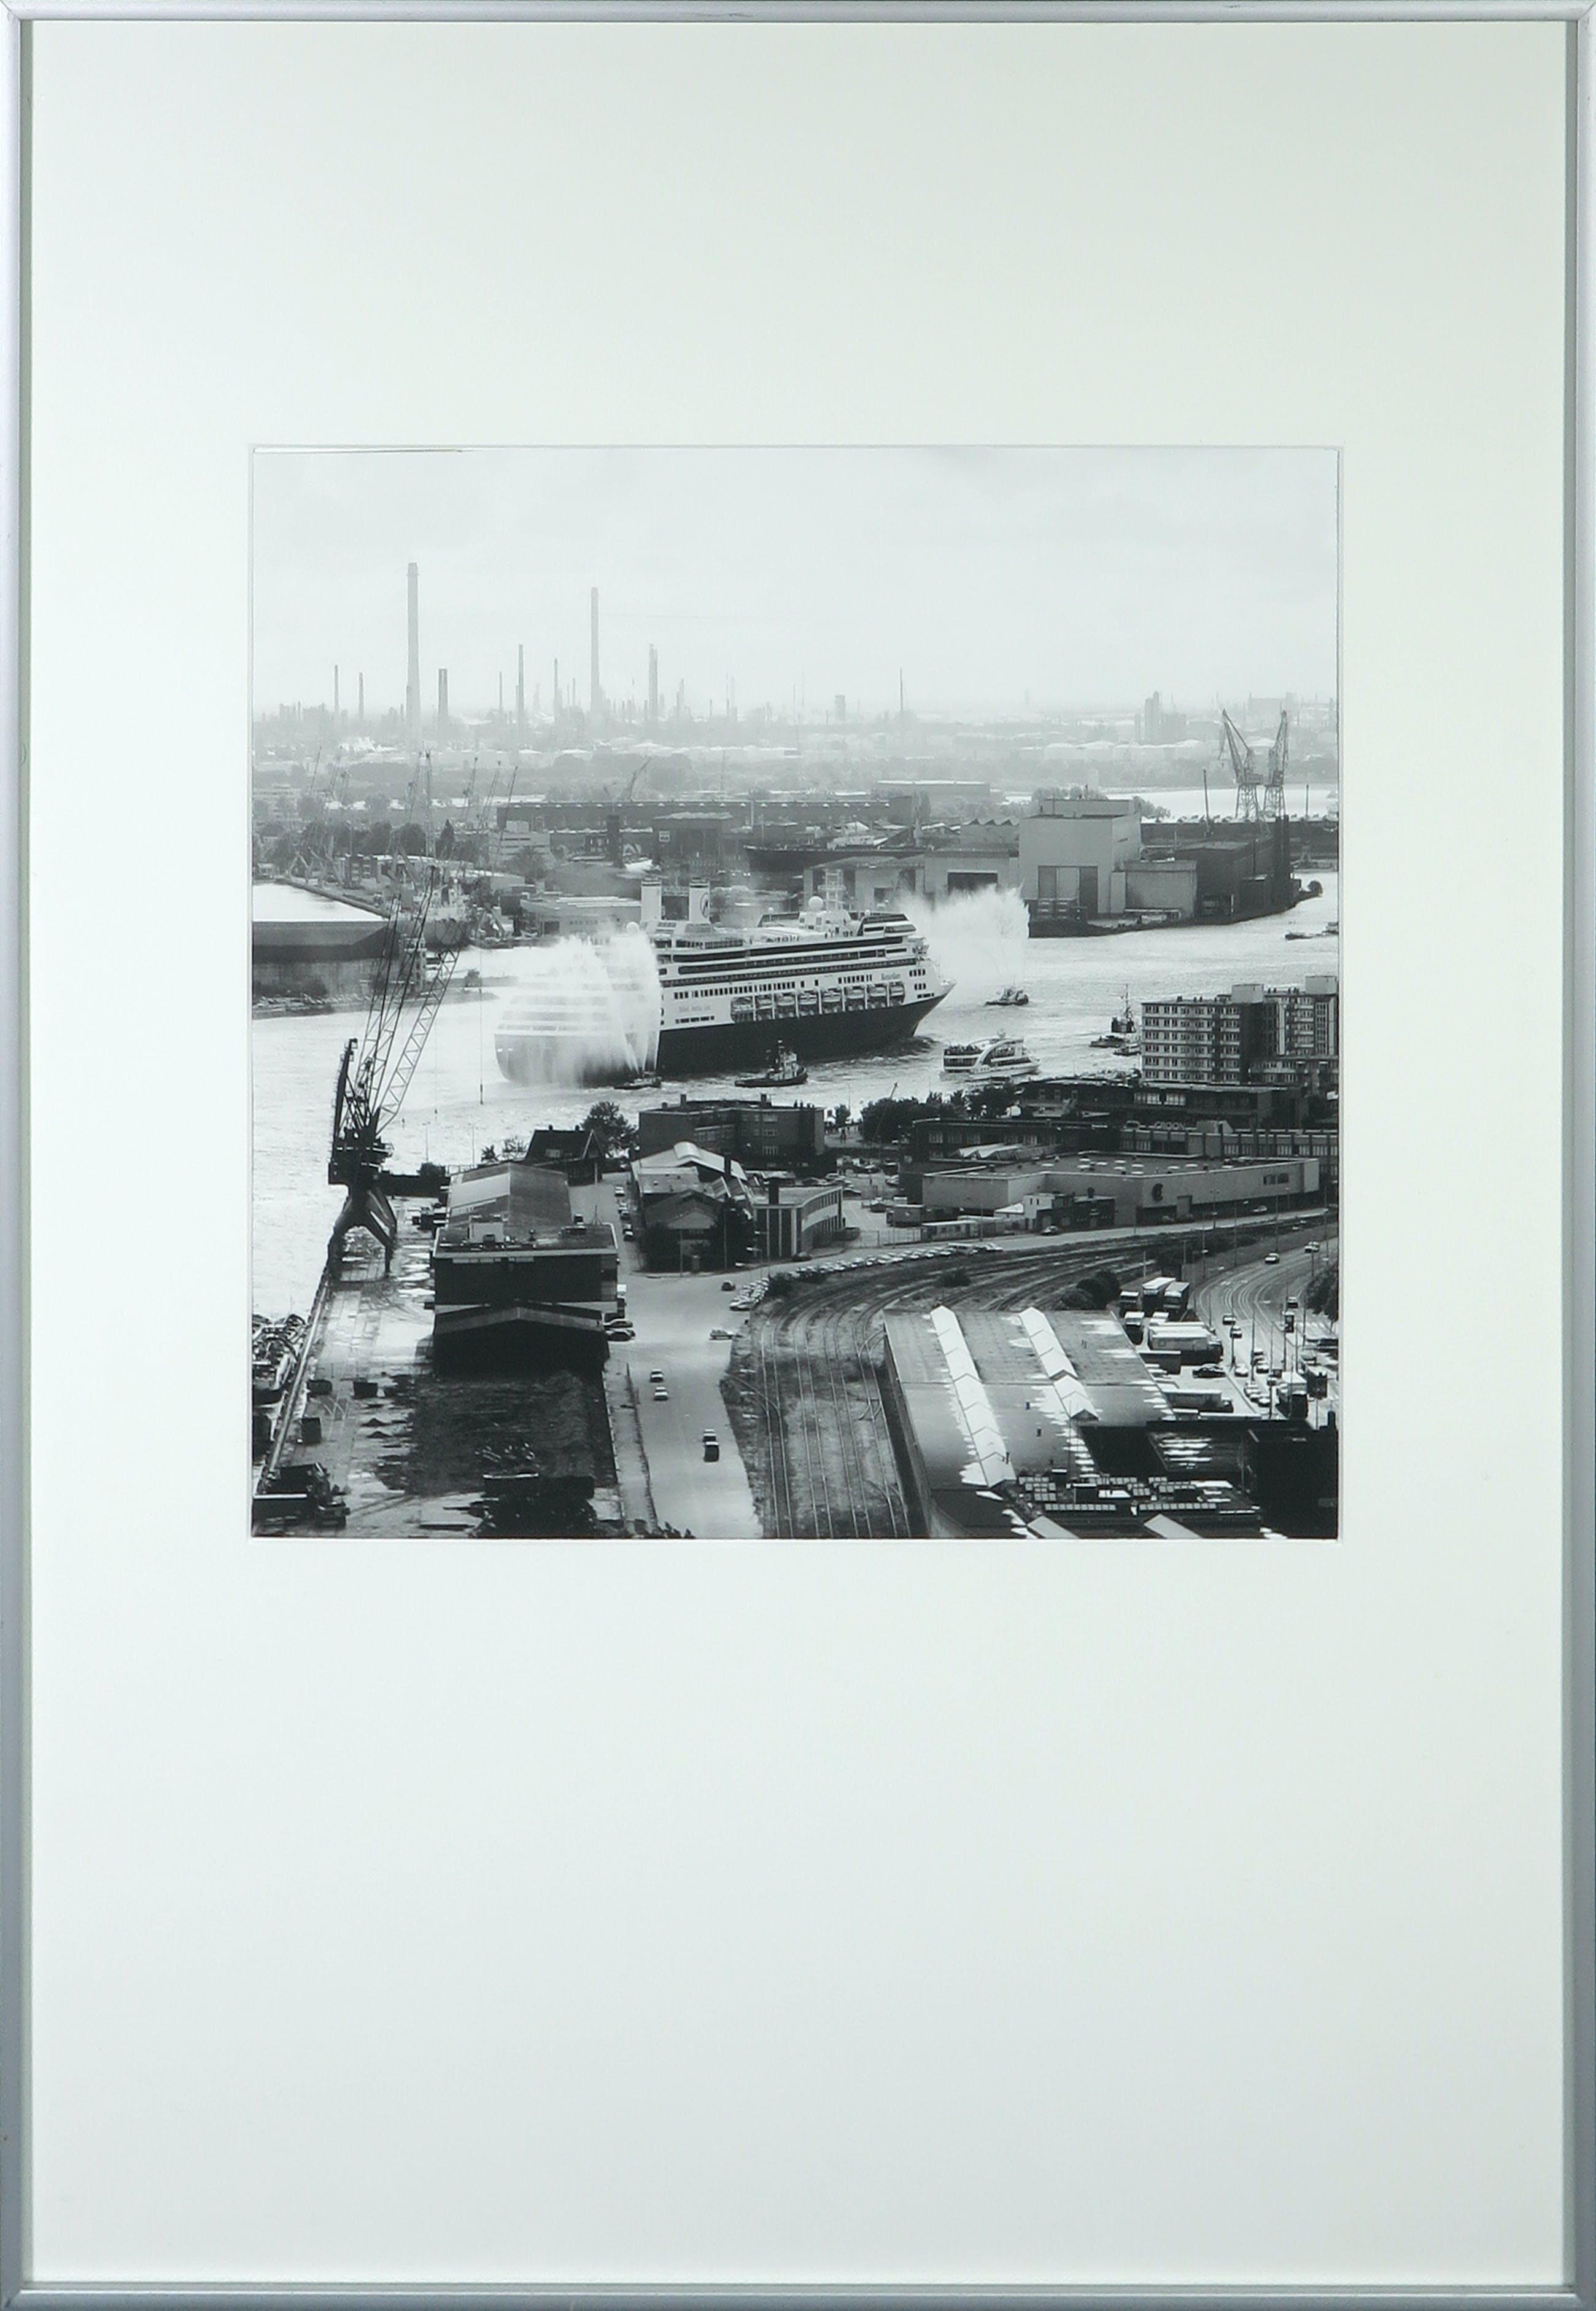 Niet of onleesbaar gesigneerd - Foto, S.S. Rotterdam - Ingelijst kopen? Bied vanaf 1!